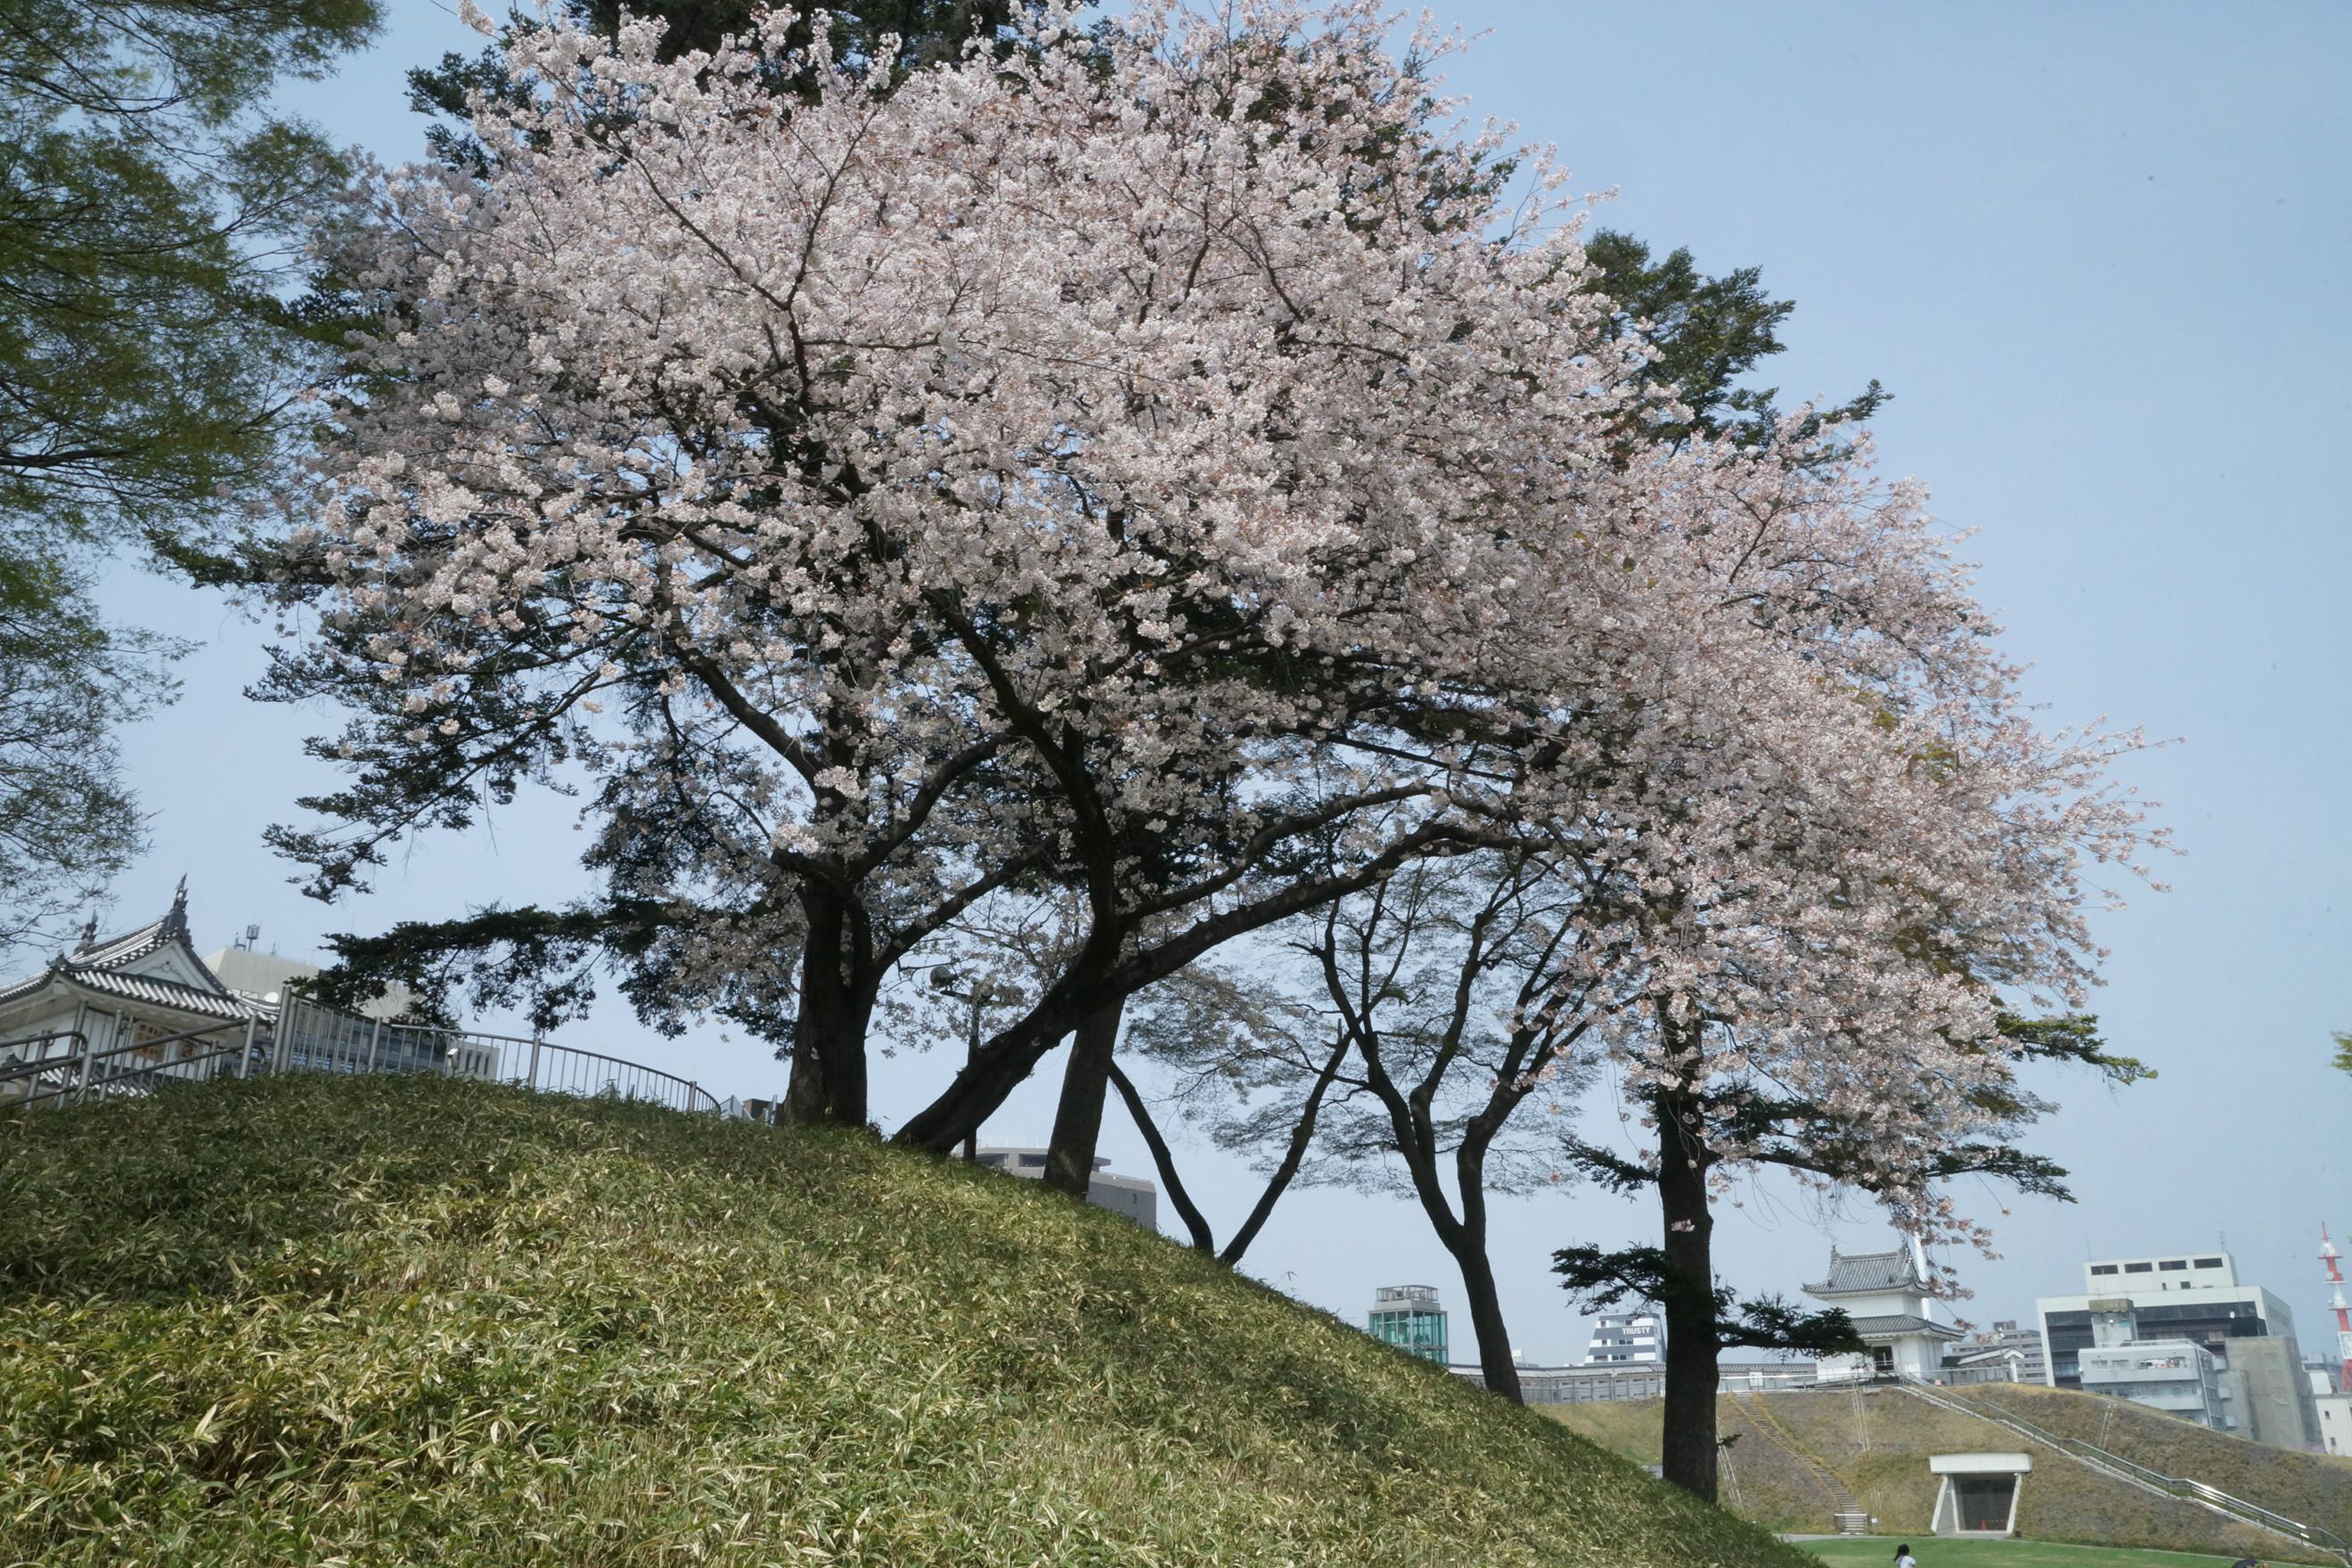 宇都宮城址公園2018年4月3日更新